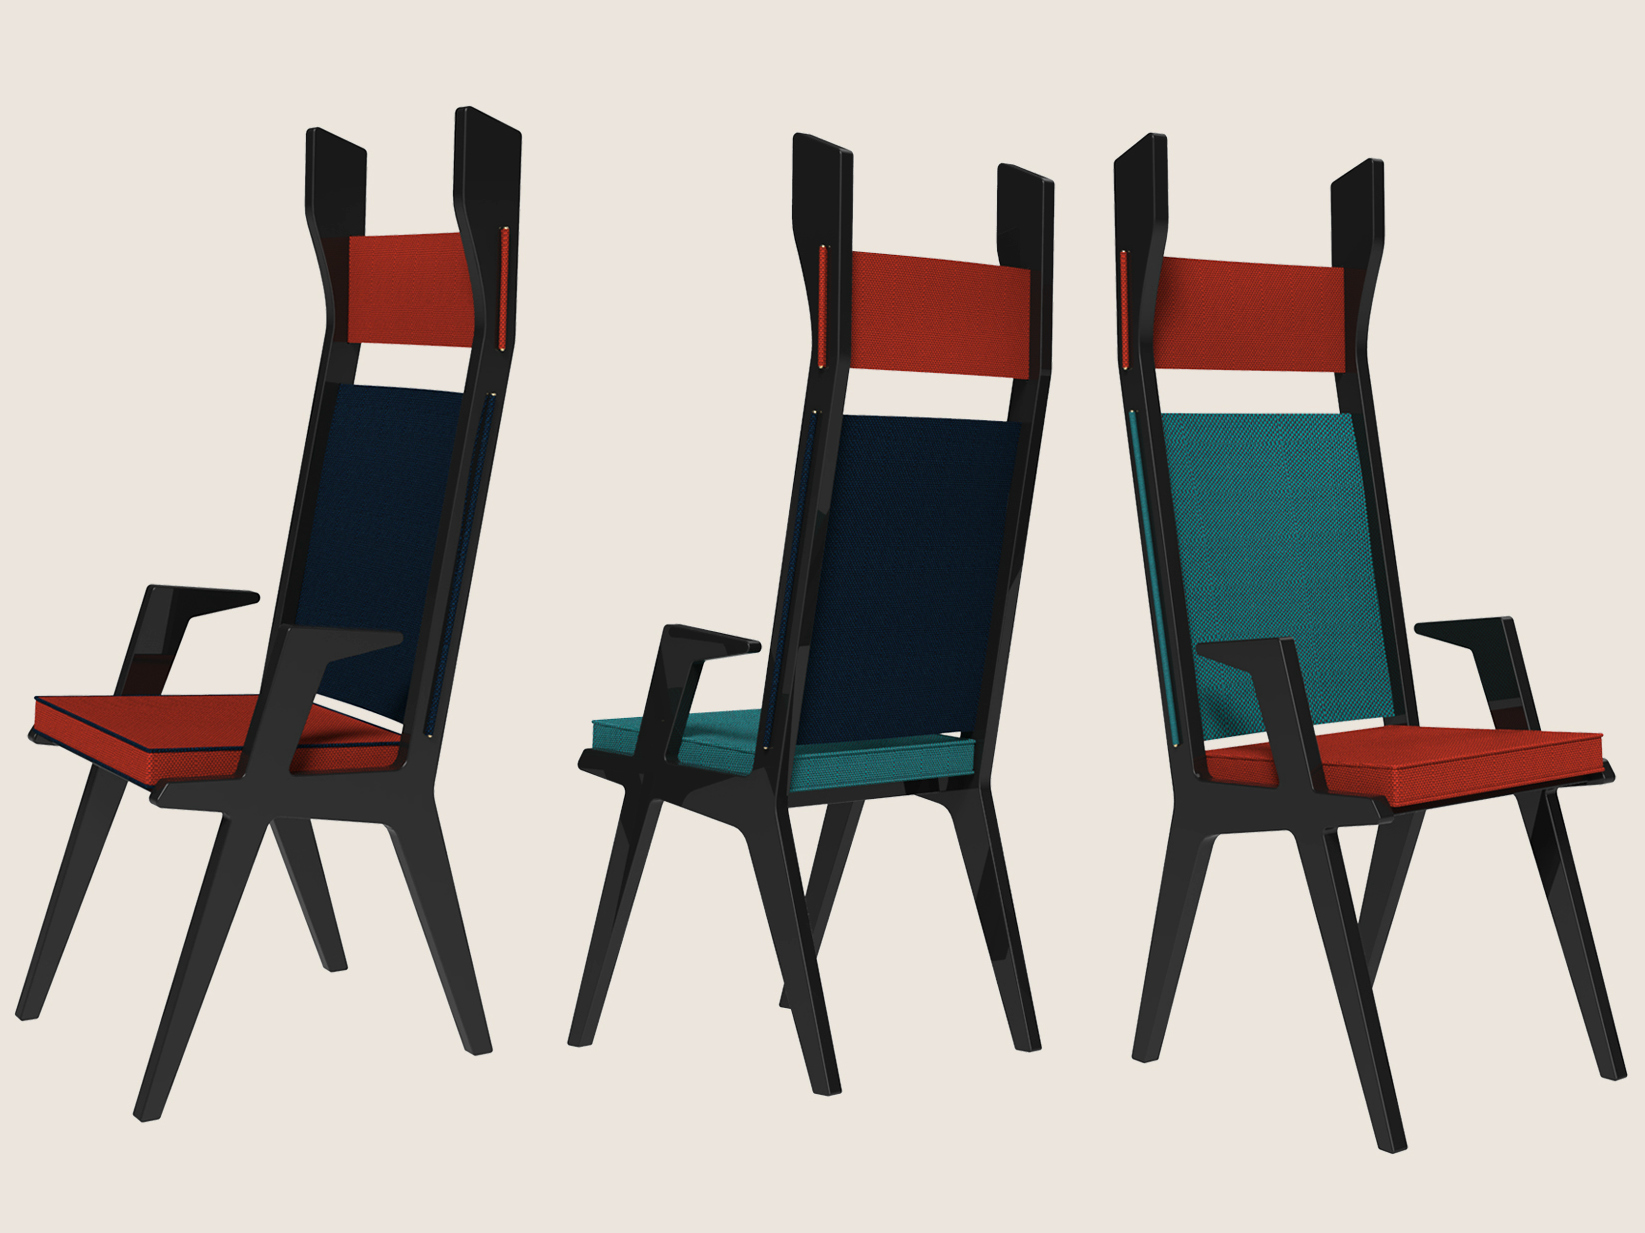 Sedia imbottita con braccioli con schienale alto colette for Sedia design schienale alto